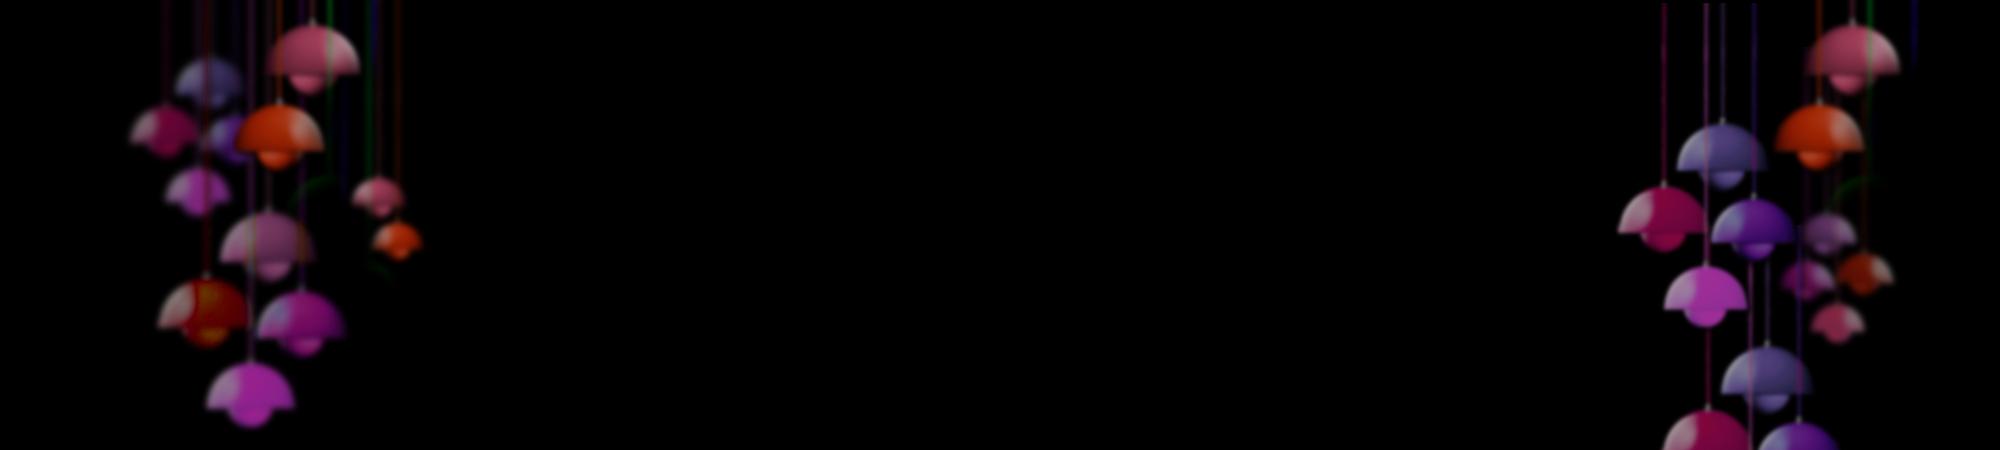 sfondo-2000x450